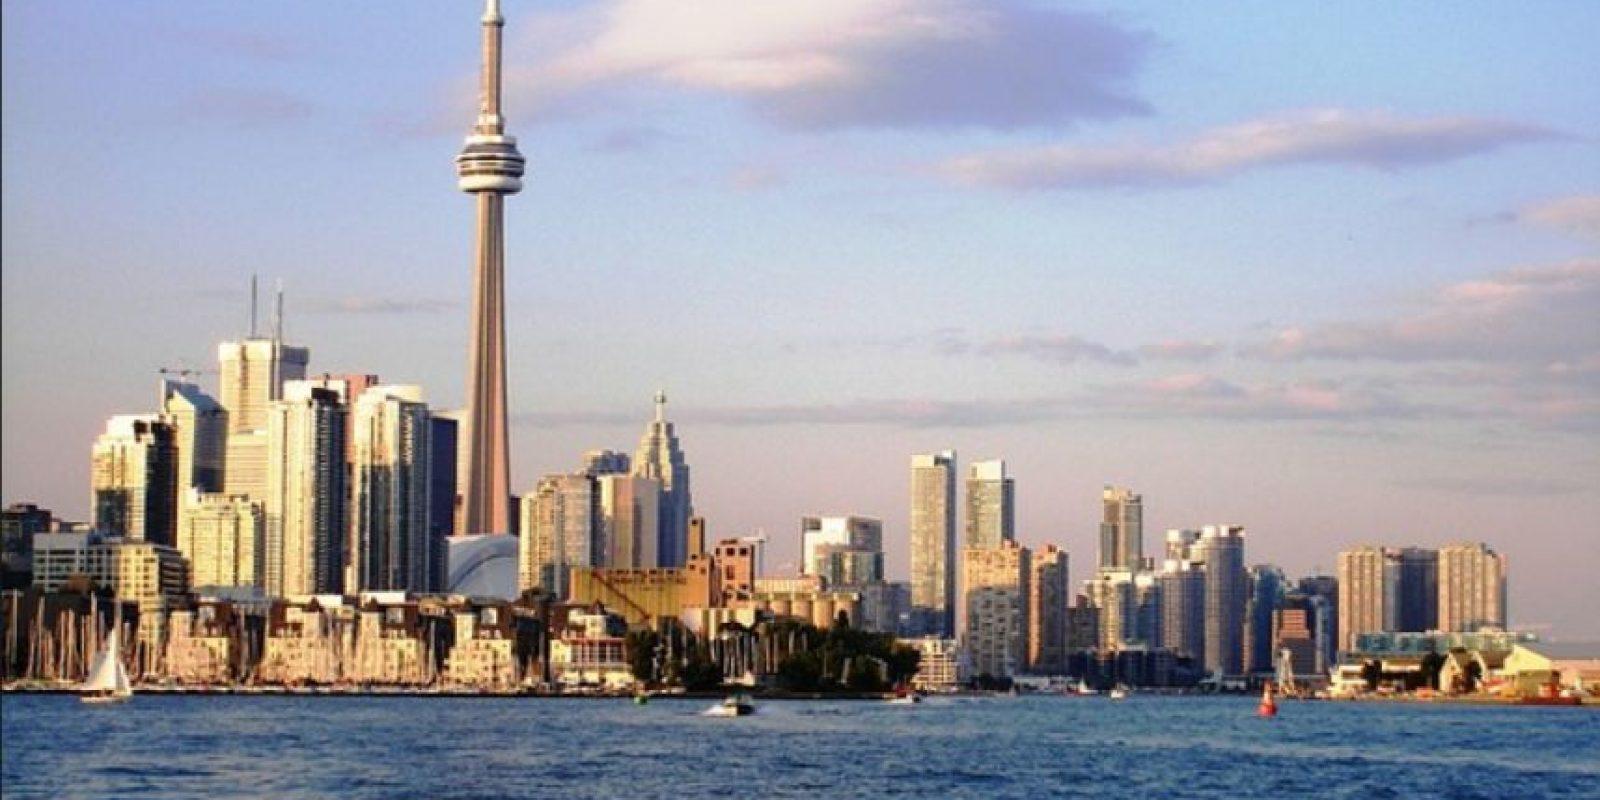 Con este nuevo programa el gobierno busca que los inmigrantes cualificados sean capaces de establecerse en Canadá. Foto:Vía pixabay.com